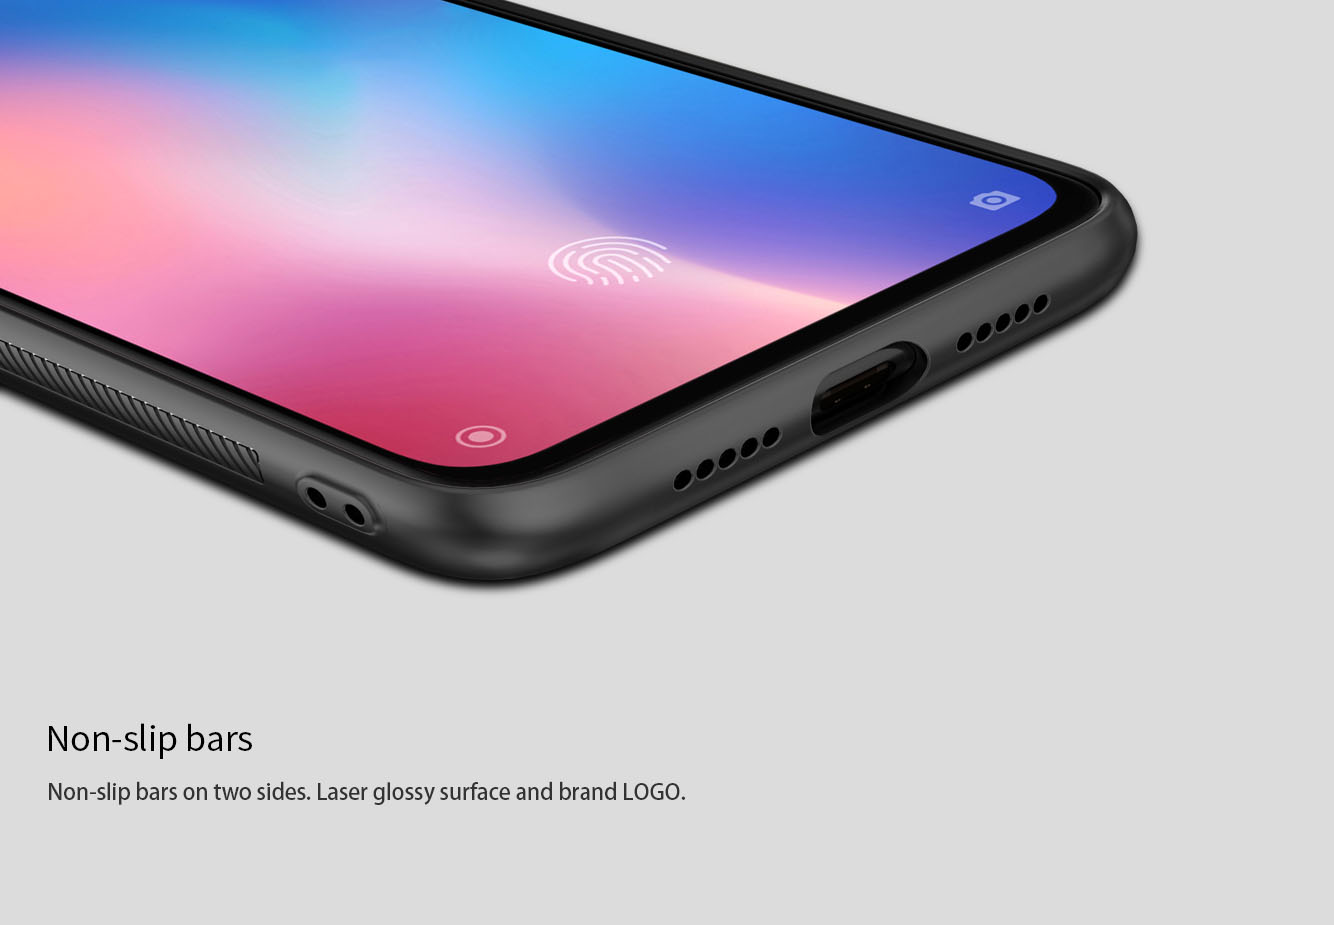 Xiaomi Mi 9 case